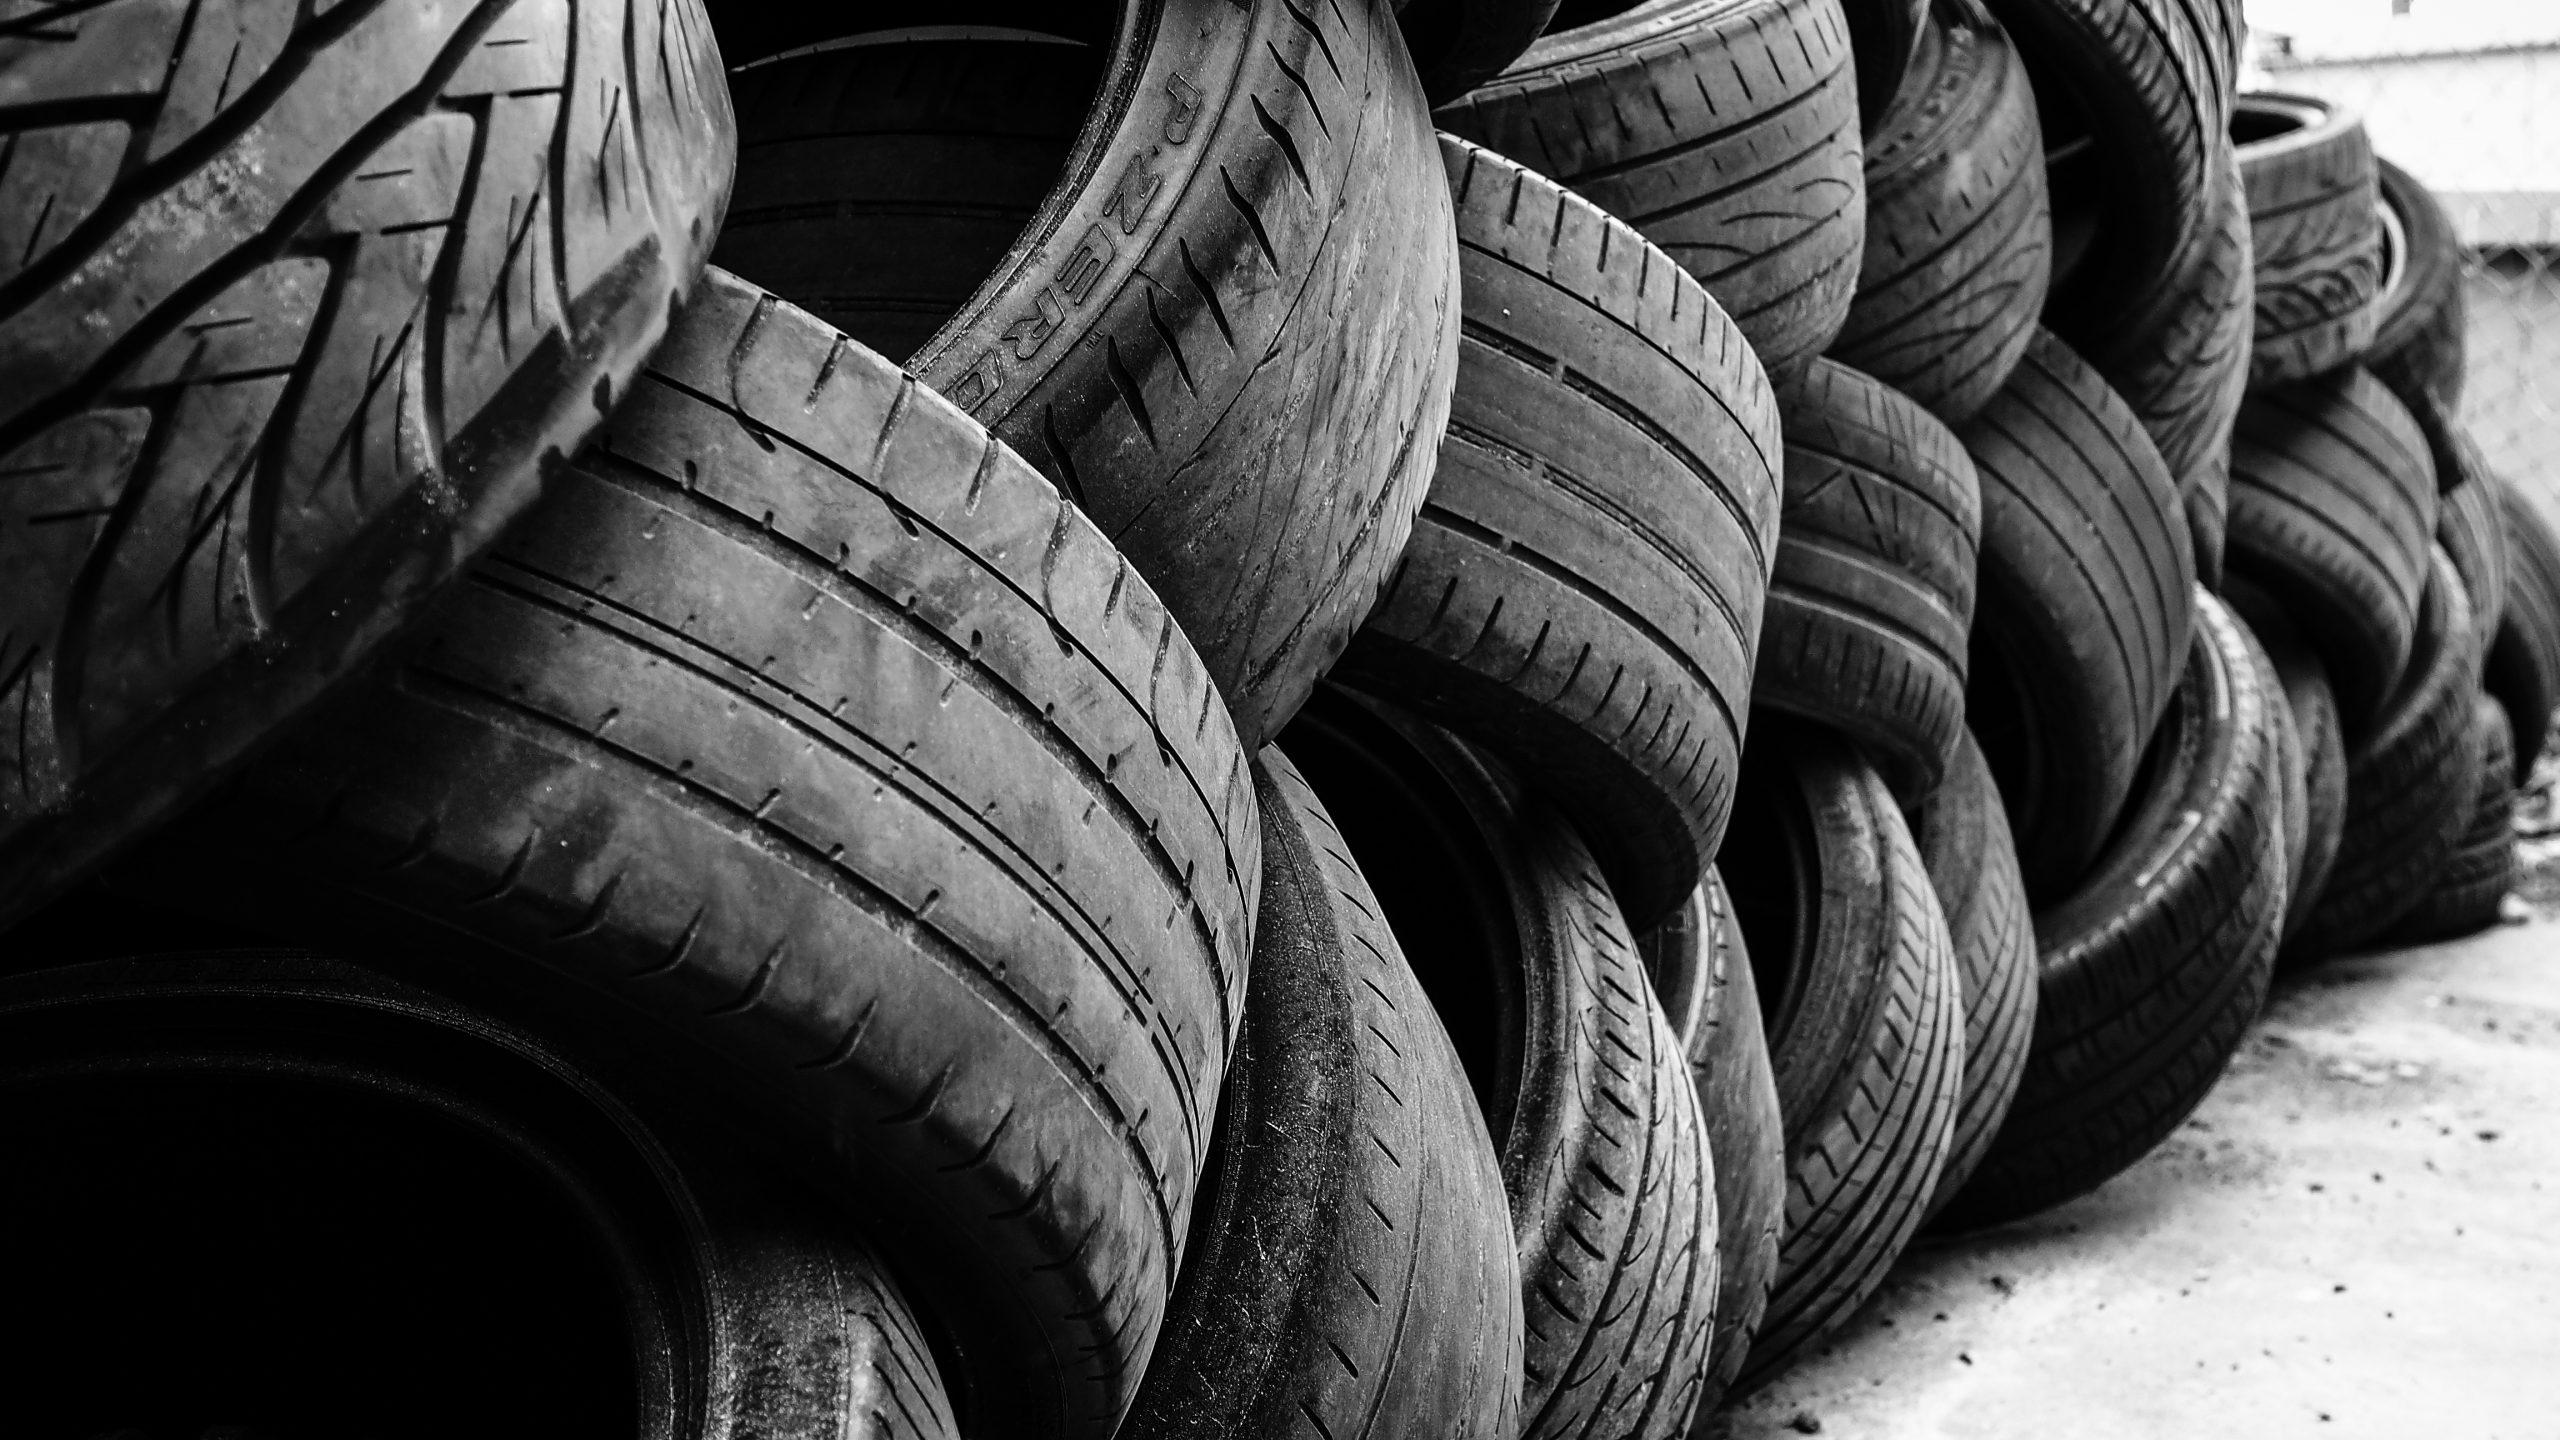 car-tires-black-together